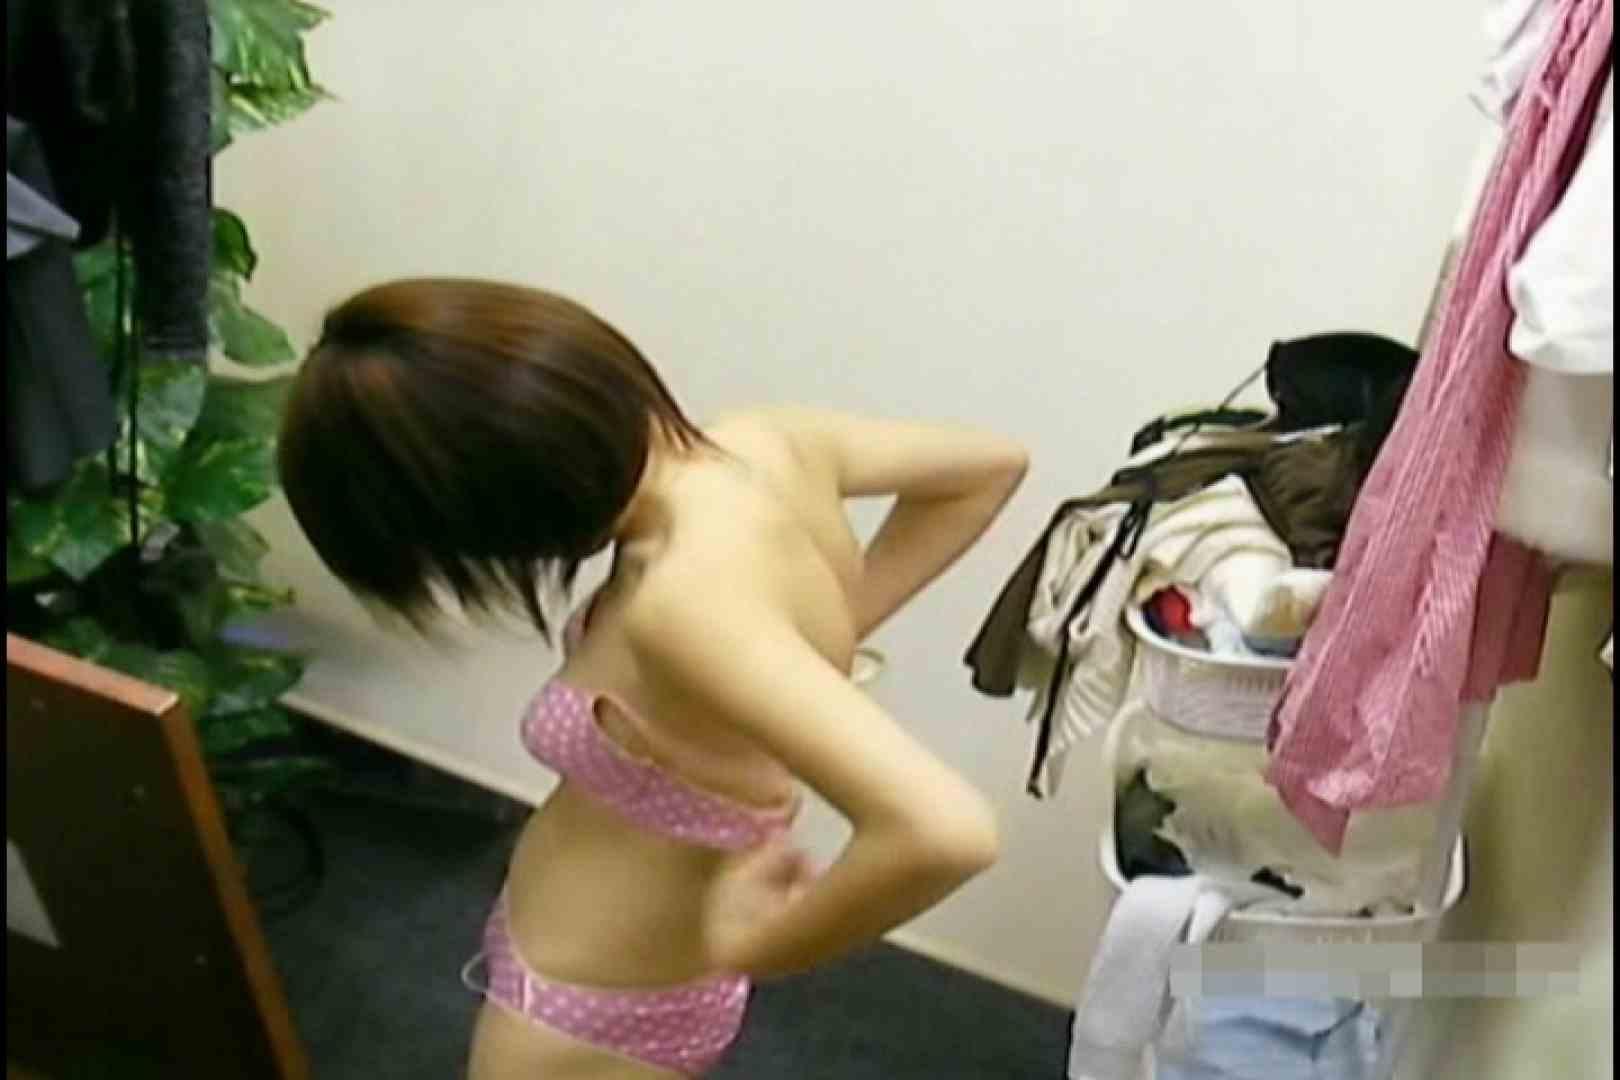 素人撮影 下着だけの撮影のはずが・・・れみ18歳 アイドル のぞき動画画像 60PIX 47